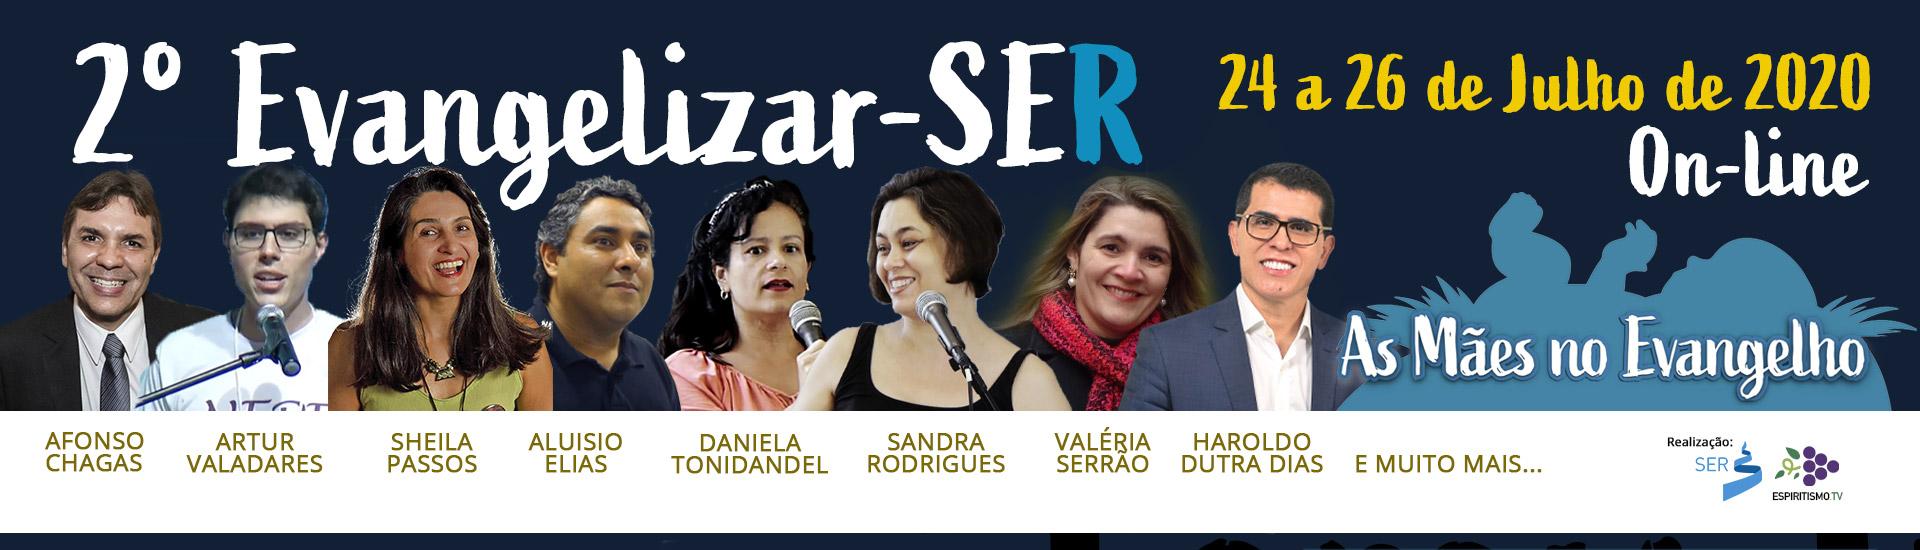 Banner.Evangelizar-SER2020.online